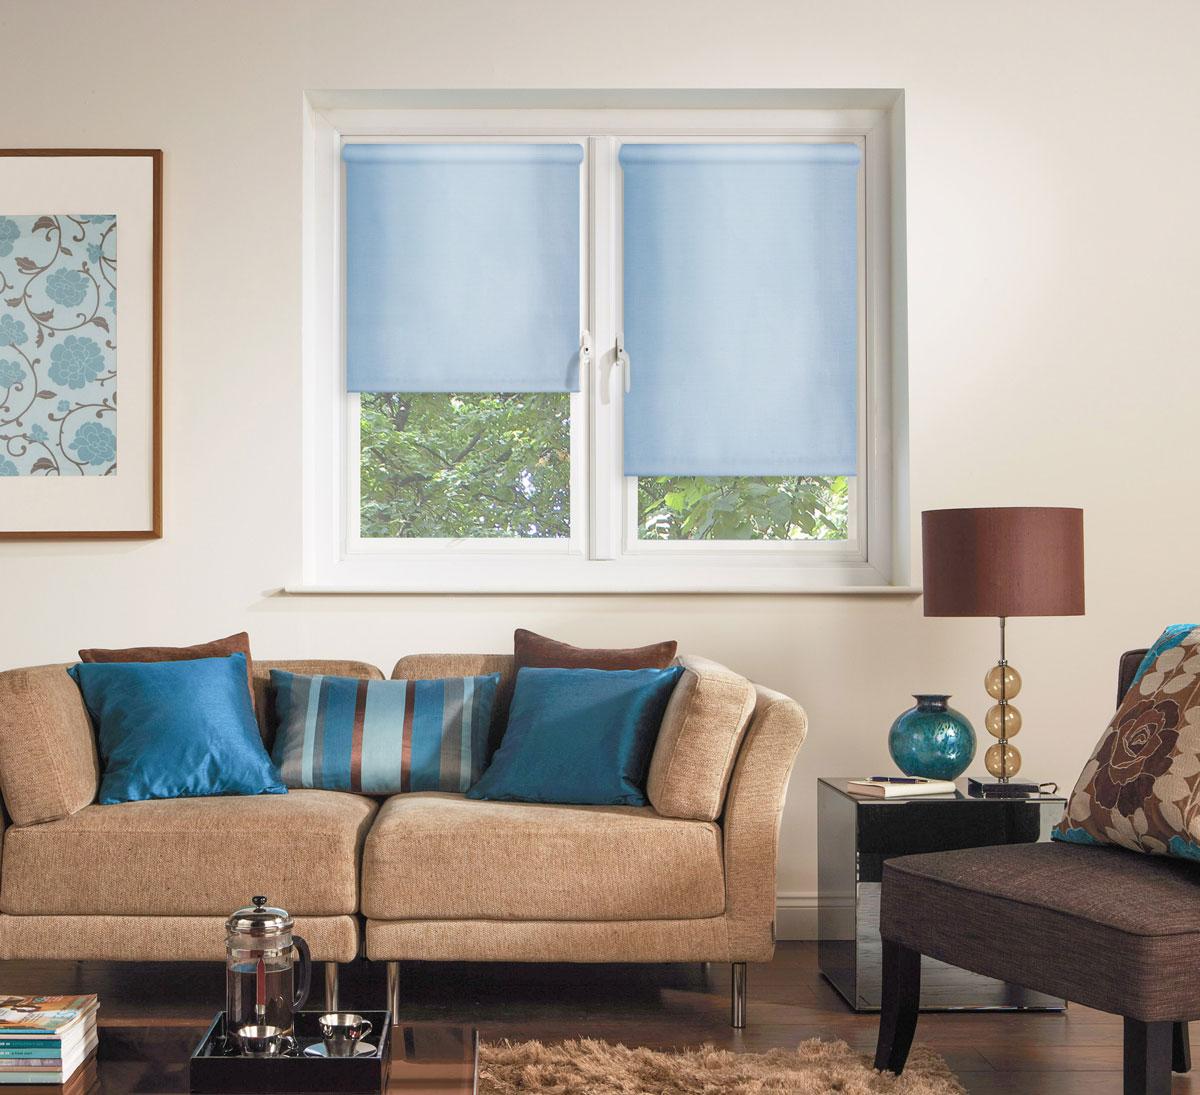 Штора рулонная KauffOrt Миниролло, цвет: голубой, ширина 37 см, высота 170 см3037005Рулонная штора Миниролло выполнена из высокопрочной ткани, которая сохраняет свой размер даже при намокании. Ткань не выцветает и обладает отличной цветоустойчивостью. Миниролло - это подвид рулонных штор, который закрывает не весь оконный проем, а непосредственно само стекло. Такие шторы крепятся на раму без сверления при помощи зажимов или клейкой двухсторонней ленты (в комплекте). Окно остается на гарантии, благодаря монтажу без сверления. Такая штора станет прекрасным элементом декора окна и гармонично впишется в интерьер любого помещения.